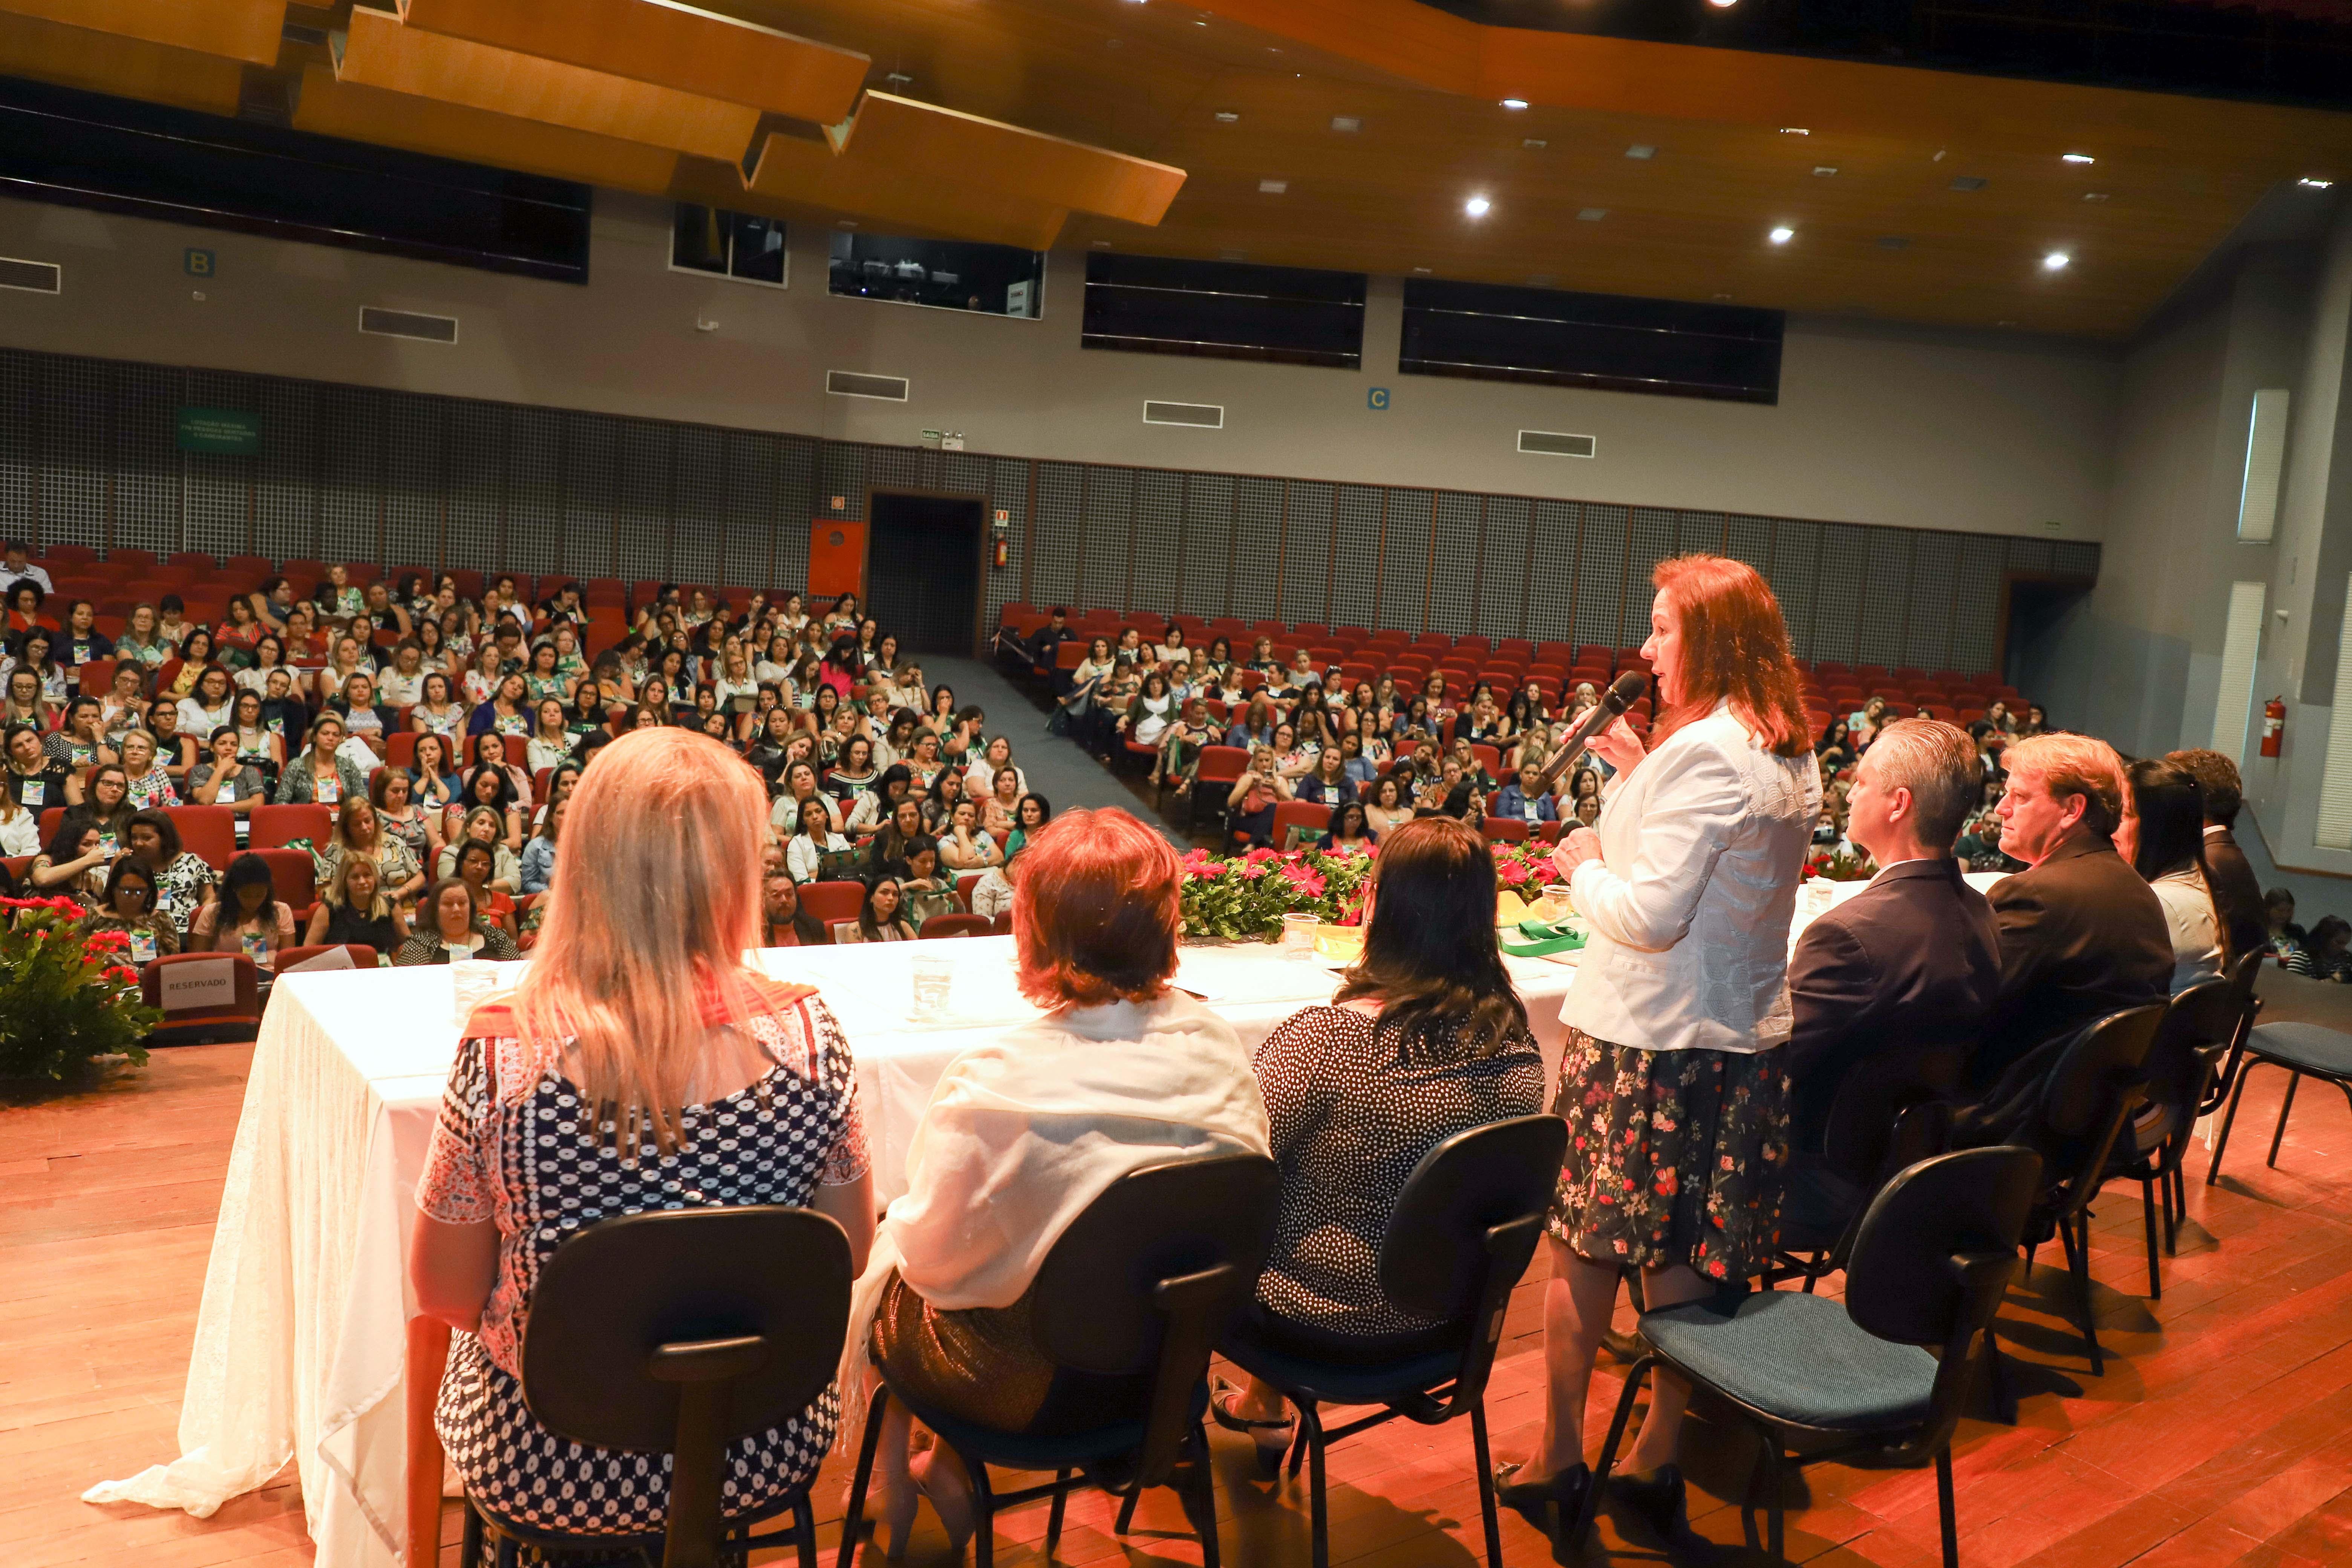 Fórum Interestadual de Educação reúne 400 professores da Região Sul do Brasil